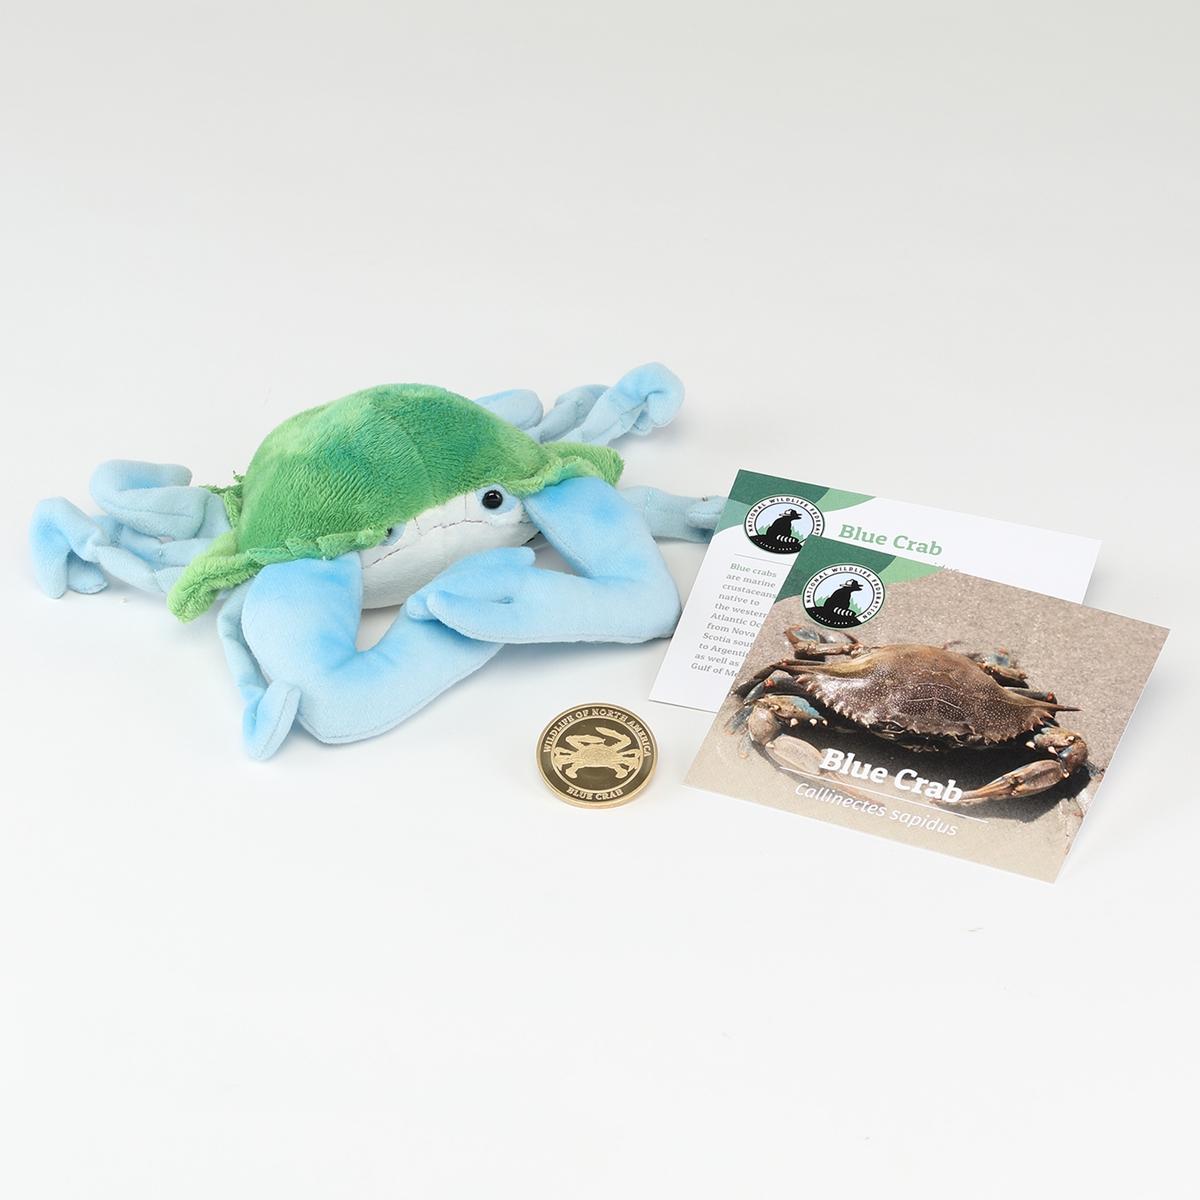 Blue Crab Collector Coin